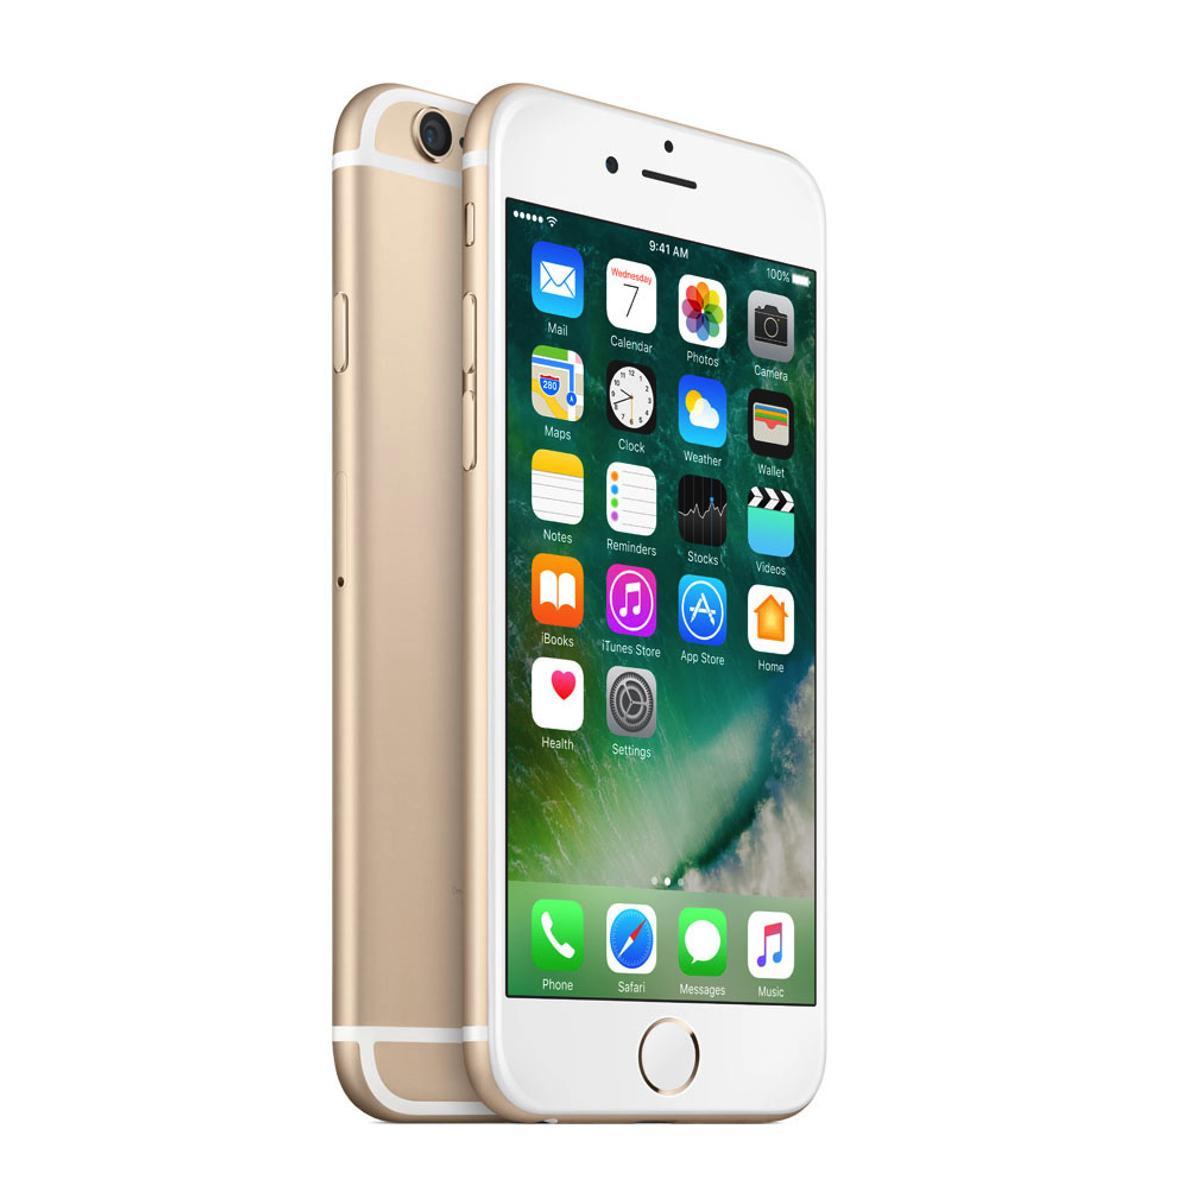 Cek Harga Baru Apple Iphone 6 Plus 64gb Silver Garansi 1 Tahun 5s 32gb Gold Grey Rose Thn Original 100